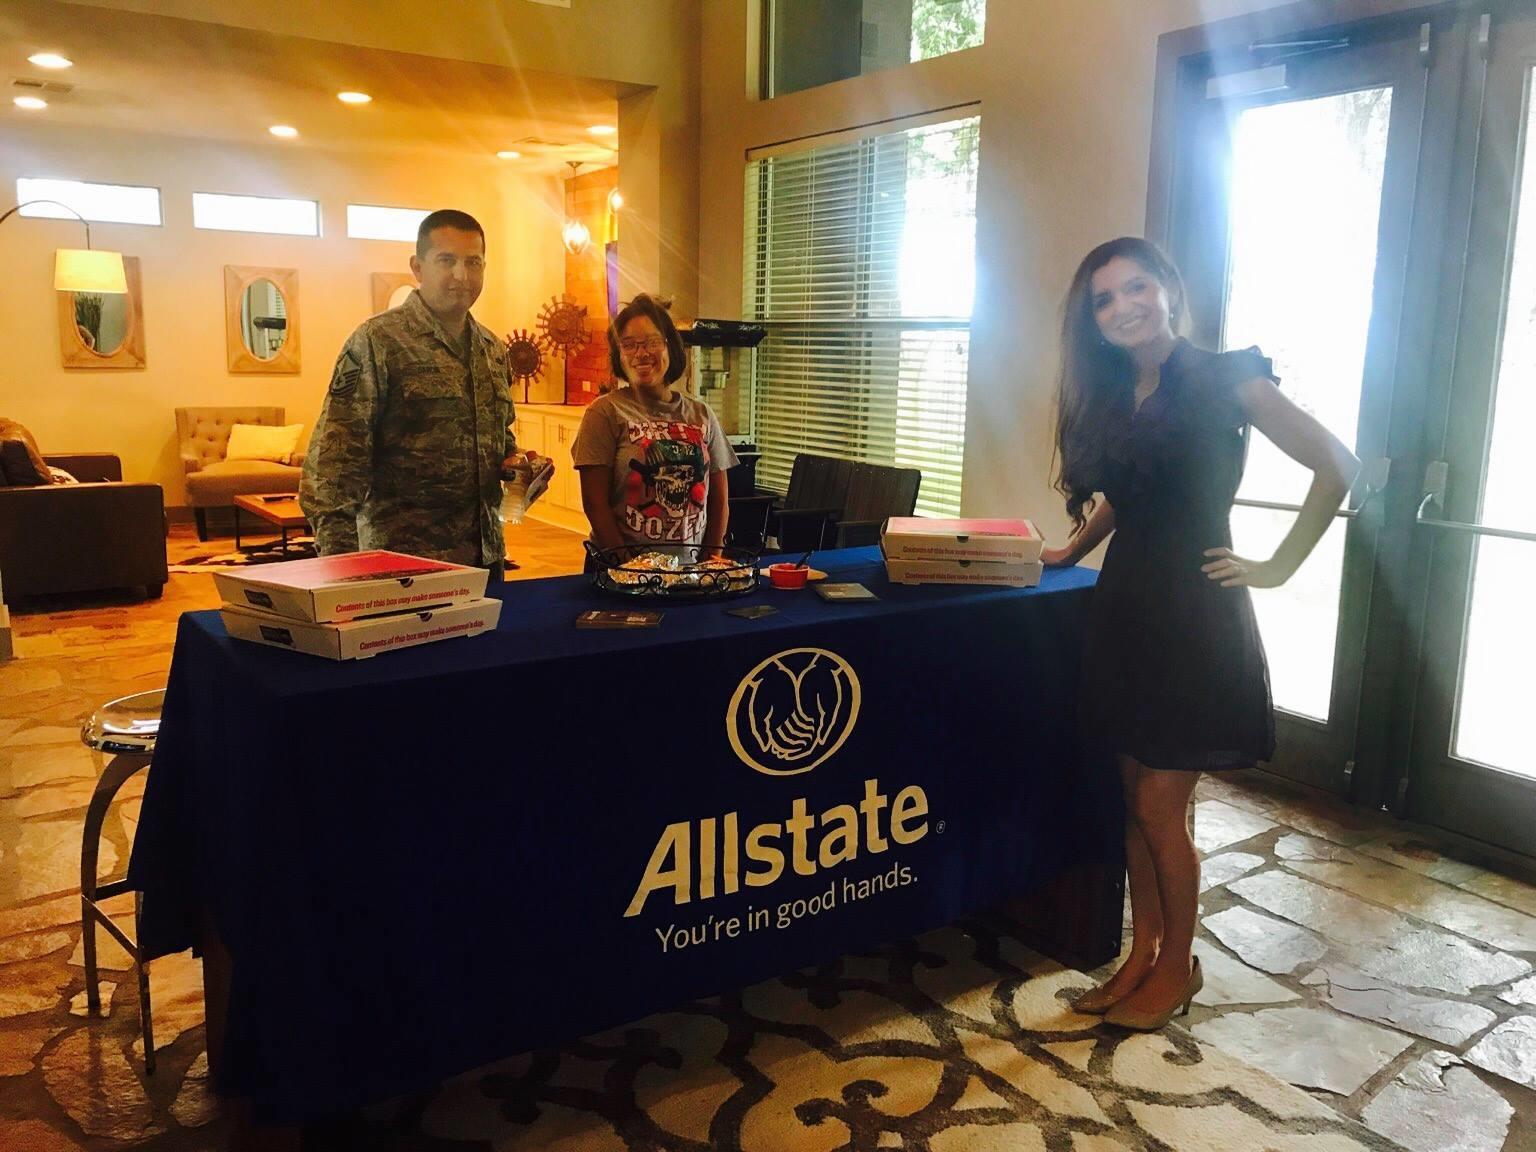 Allstate Car Insurance In San Antonio Tx Leticia Villalon